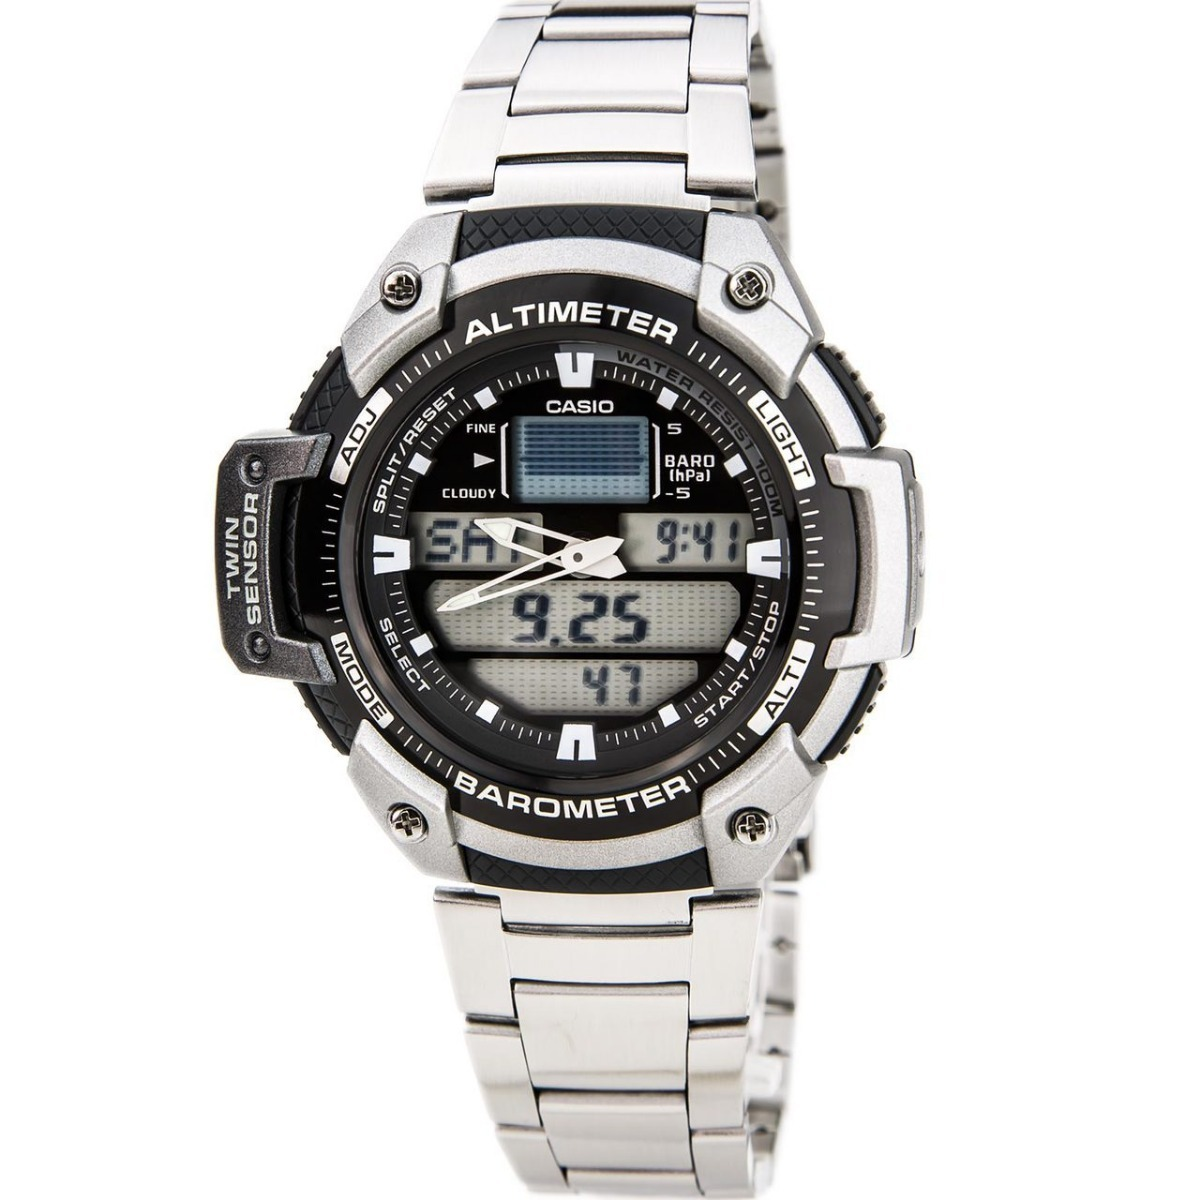 f416716a672c reloj hombre casio sgw-400hd-1b altimetro barometro. Cargando zoom.